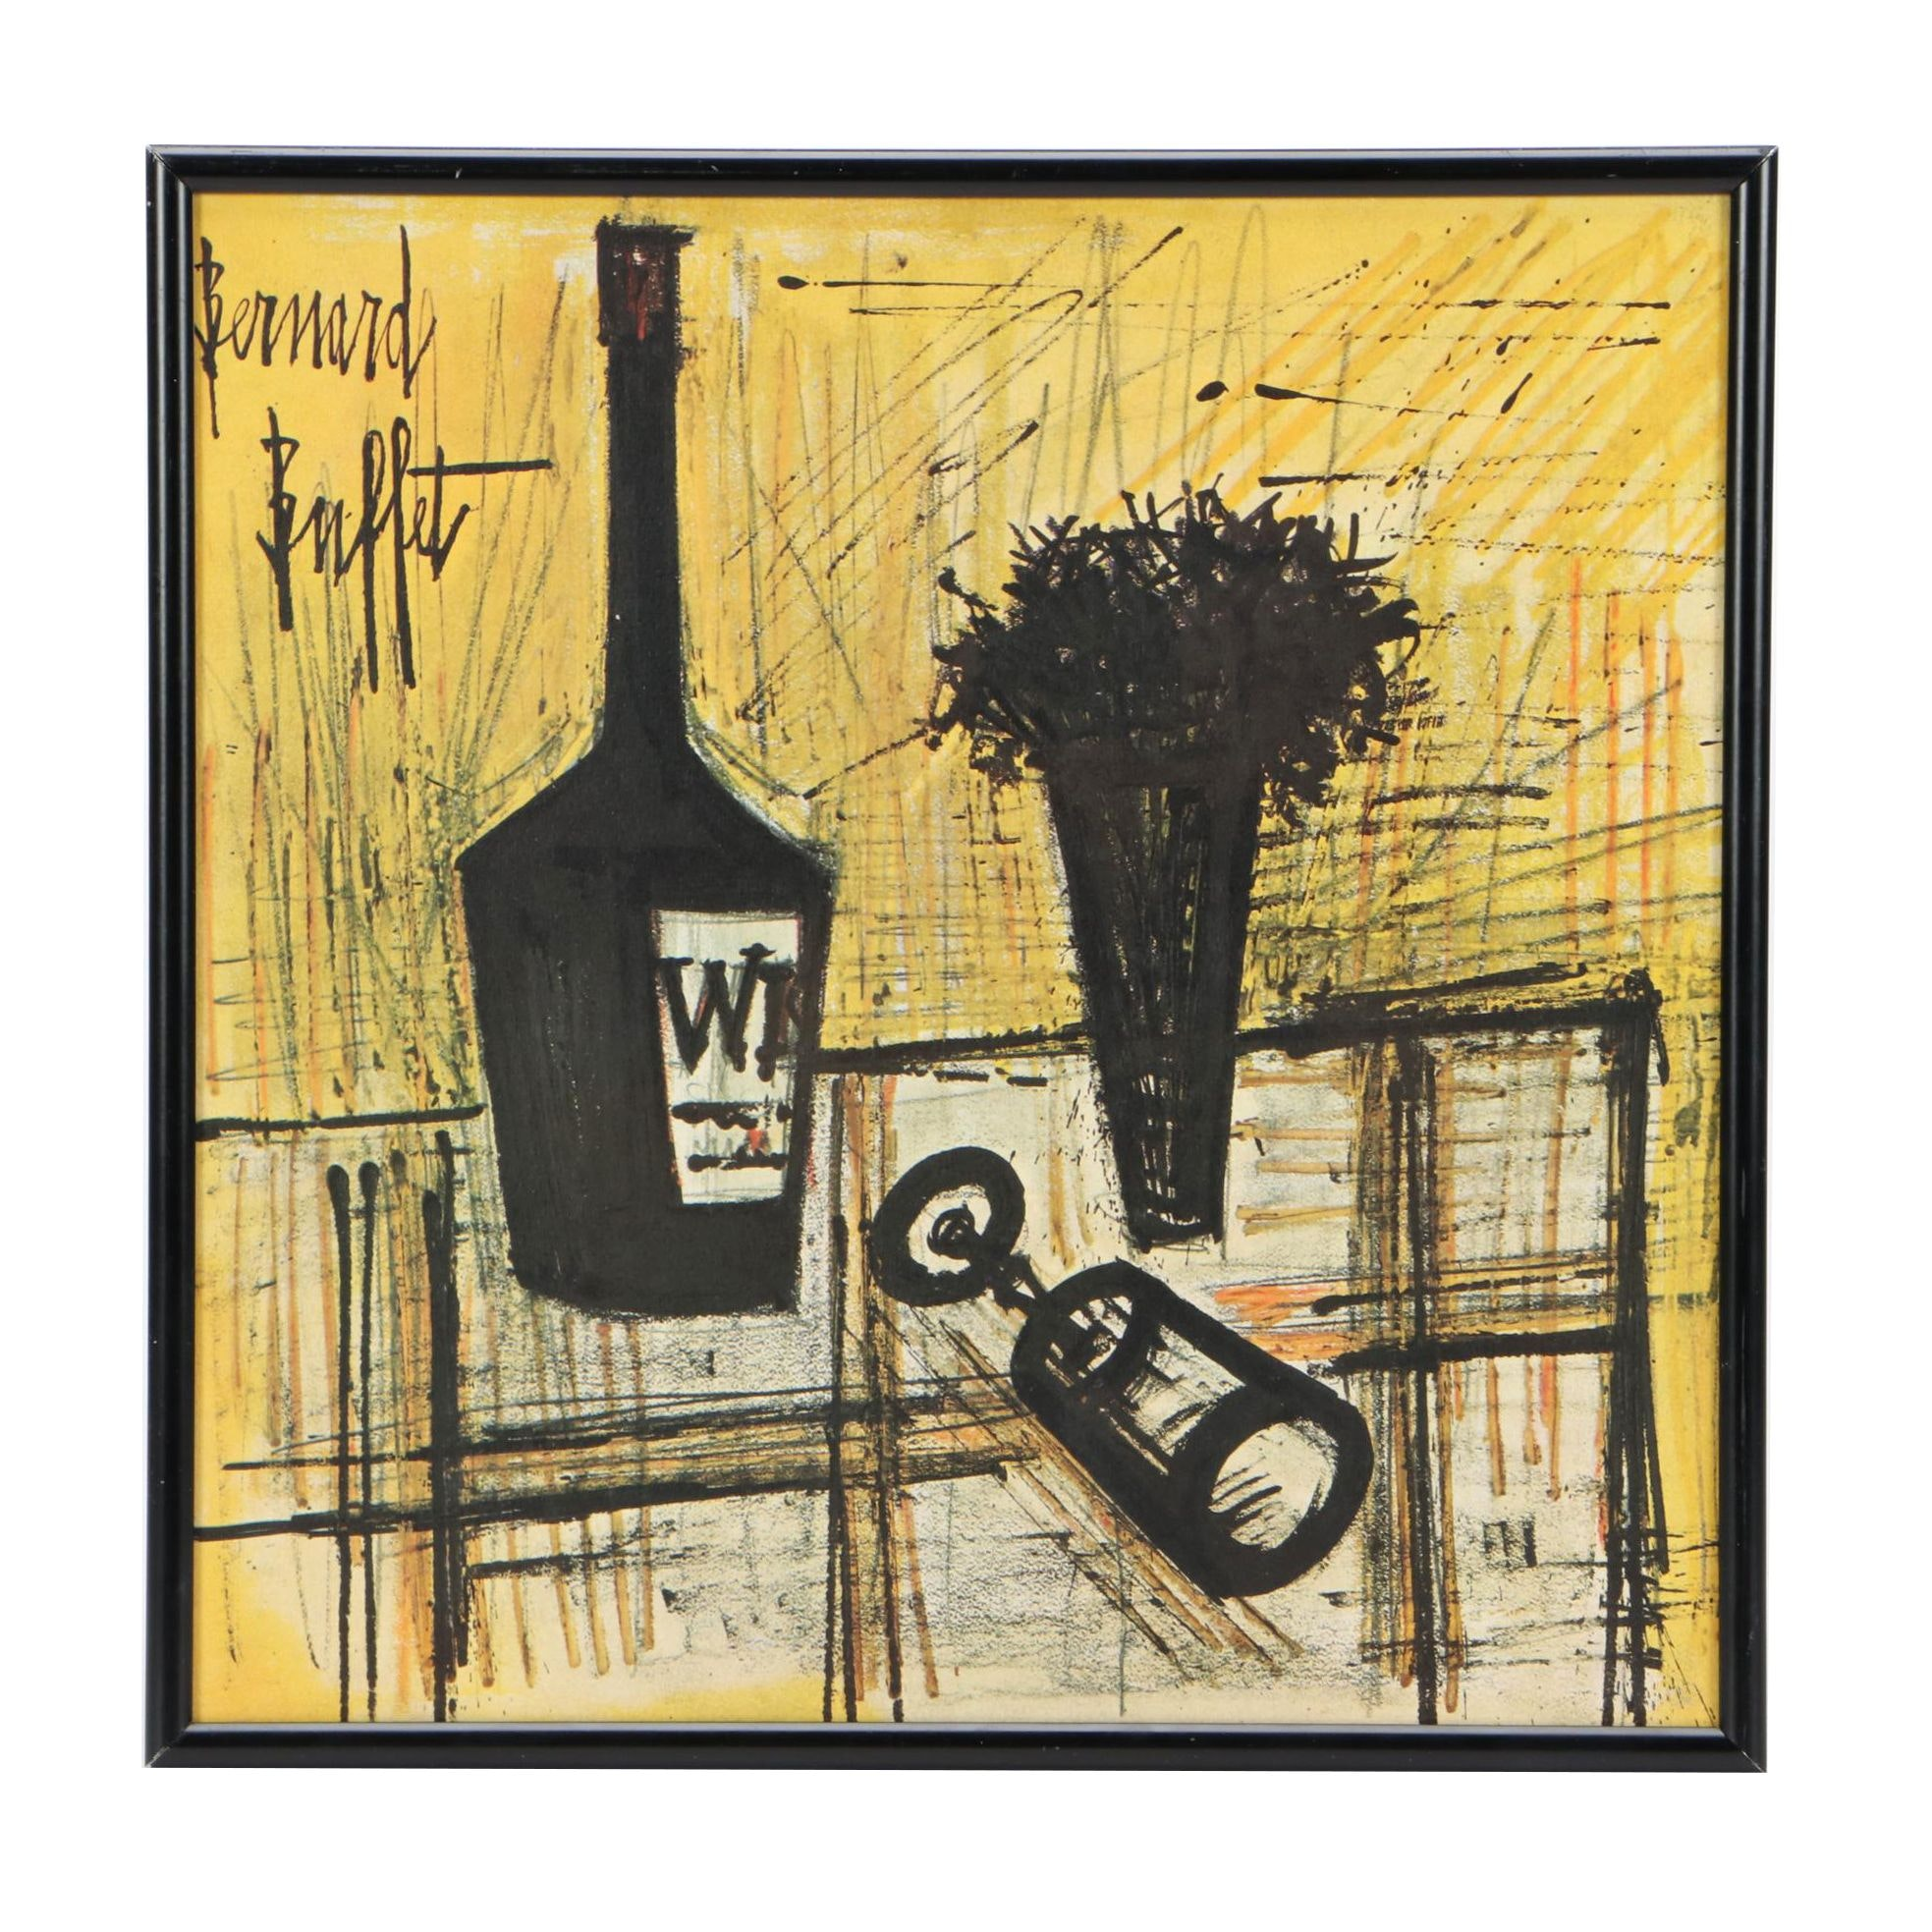 Framed Ella Fitzgerald Album Cover Featuring Artwork by Bernard Buffet